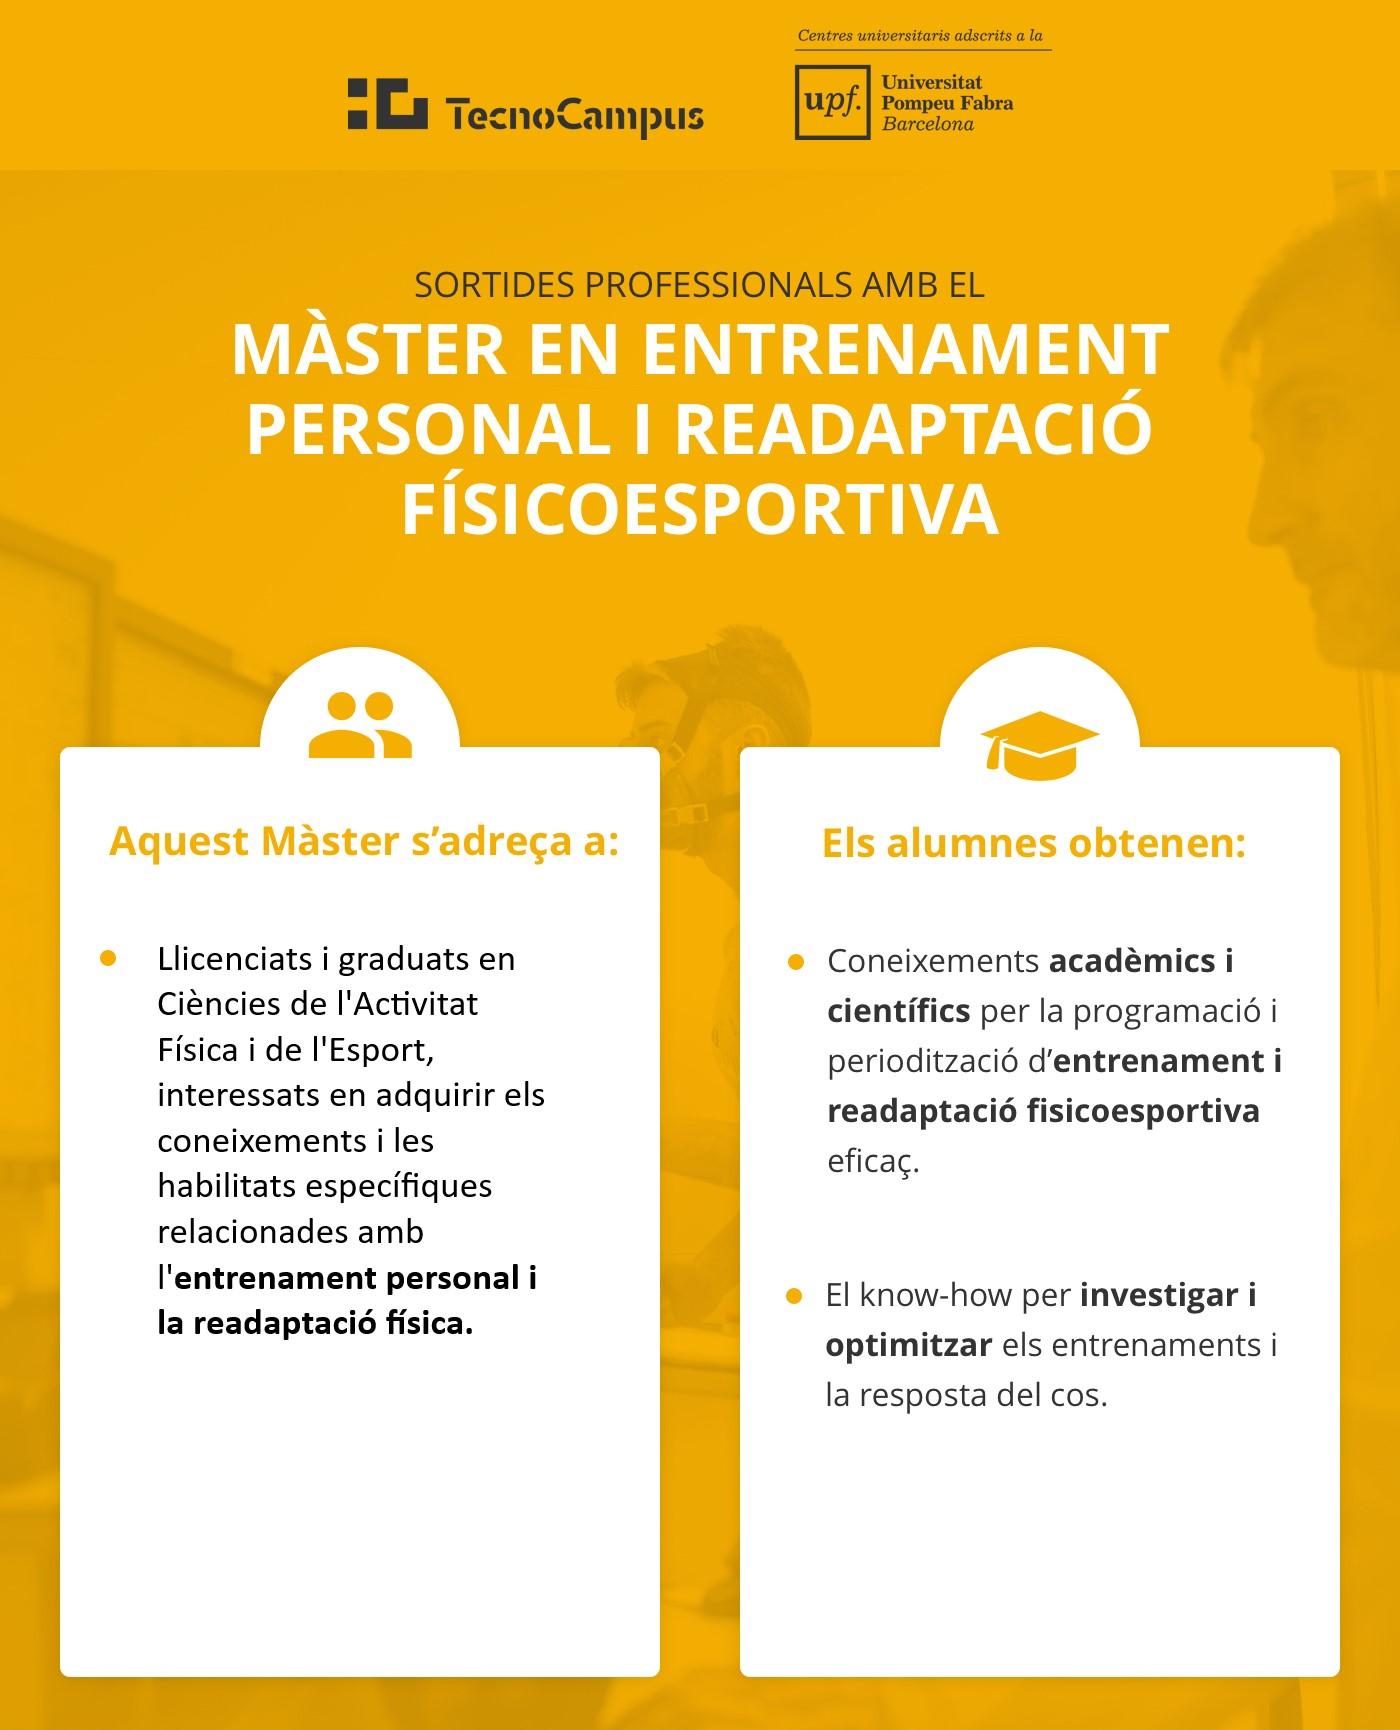 Sortides professionals amb el Máster en Entrenament Personal i Readaptació Físicoesportiva